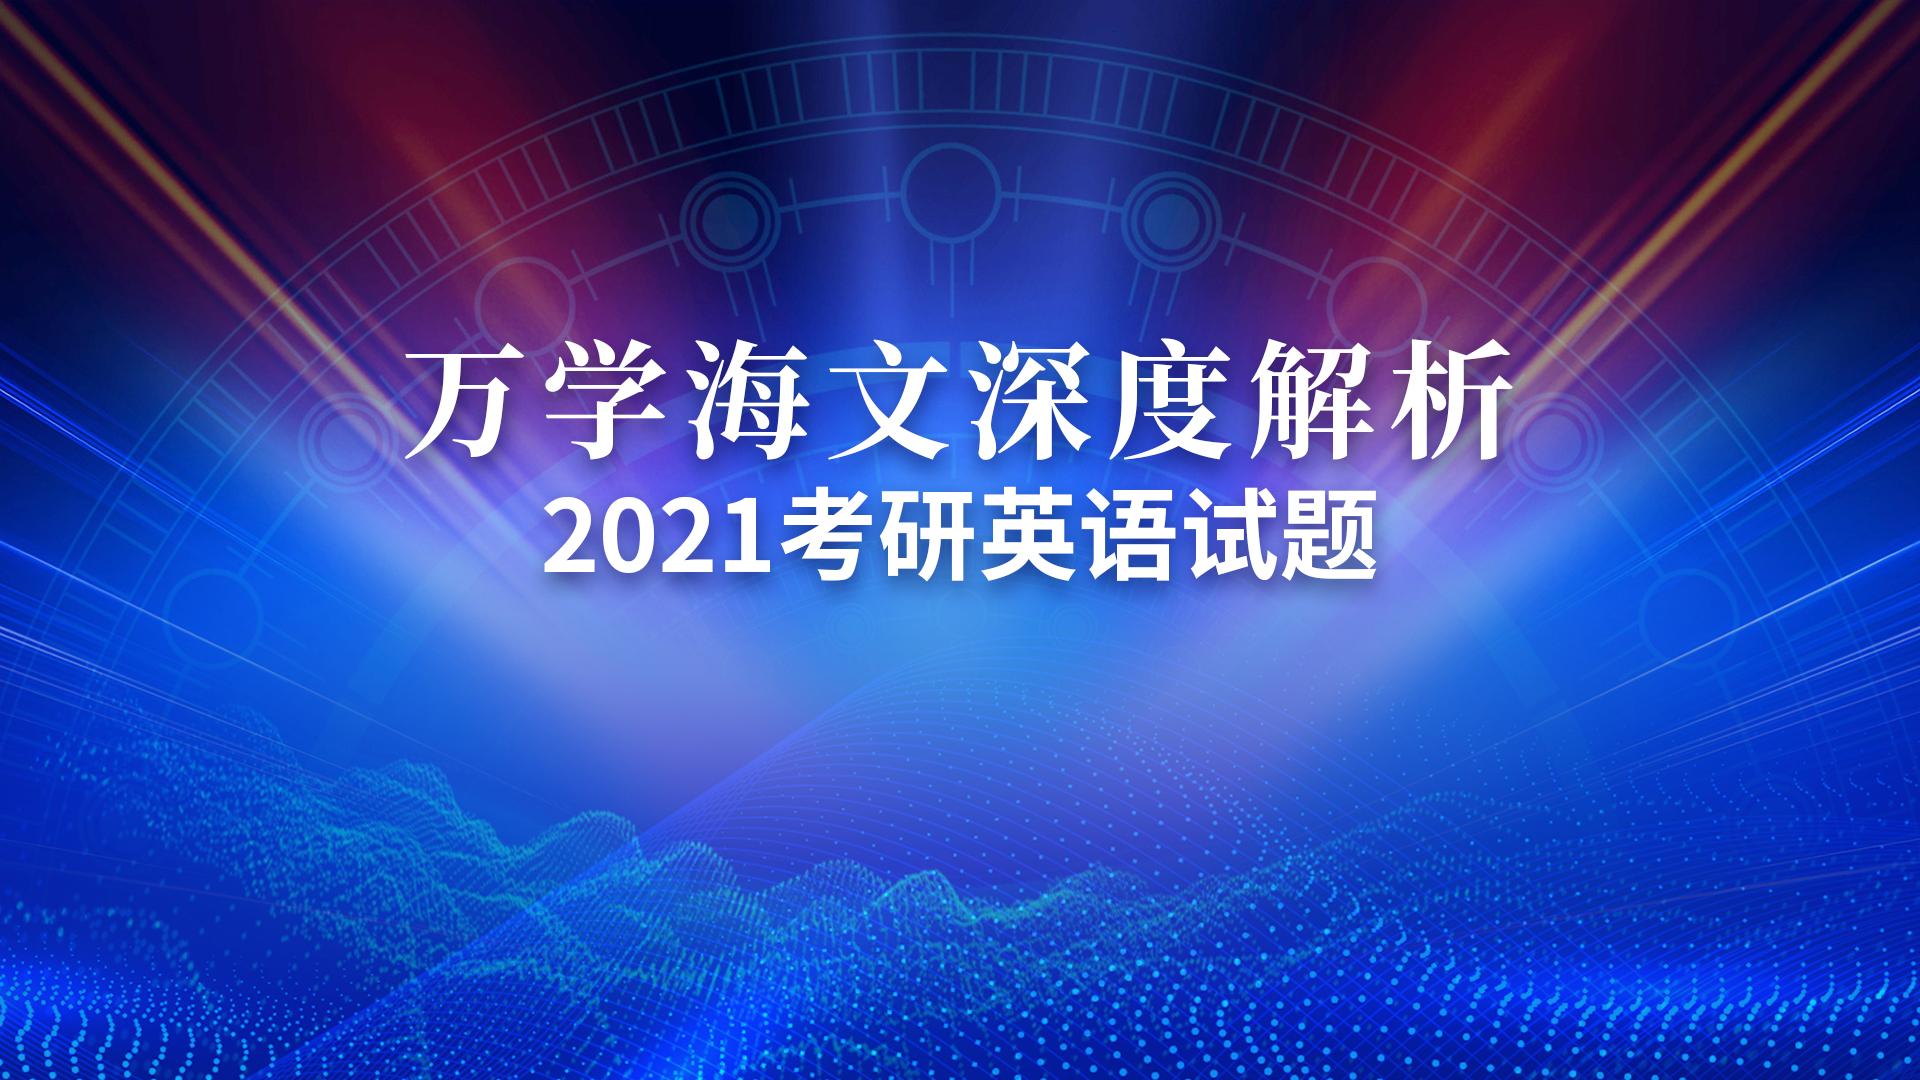 万学海文老师徐雯、姜鹏浩做客腾讯教育深度解析2021考研英语试题